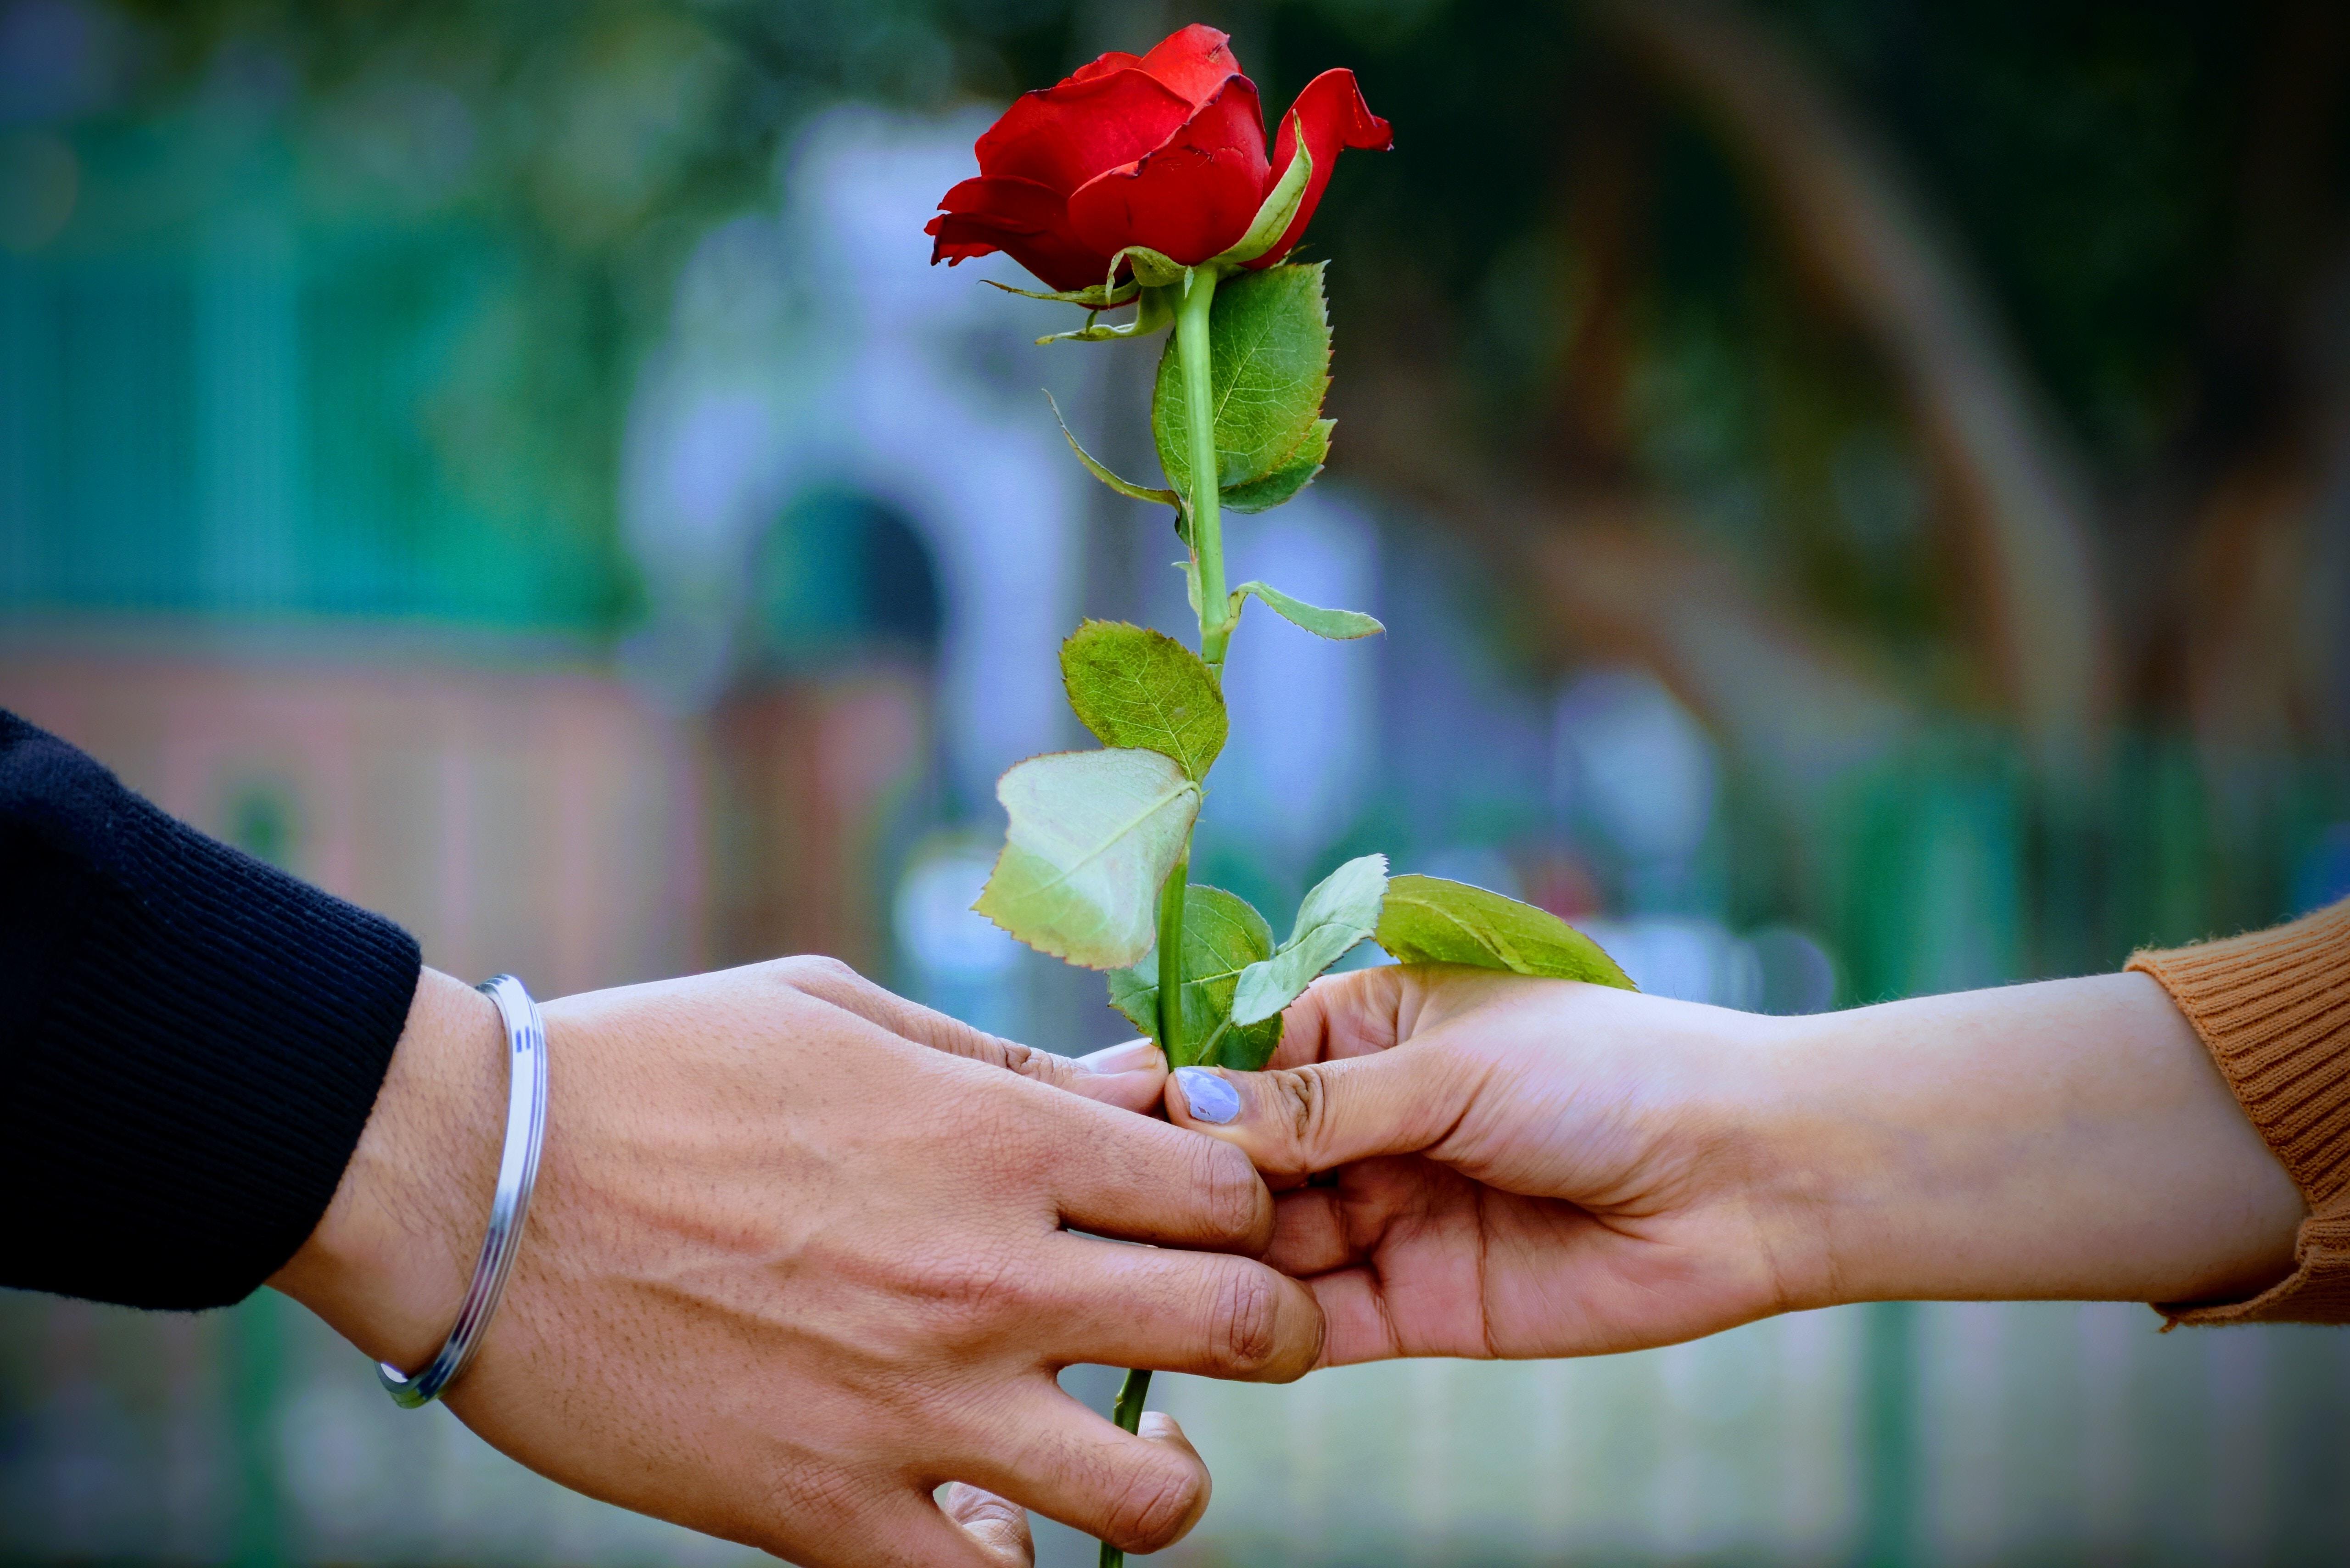 夢占いで薔薇の花が意味するサインは?薔薇の本数や薔薇の色などで意味が分かるのかも解説